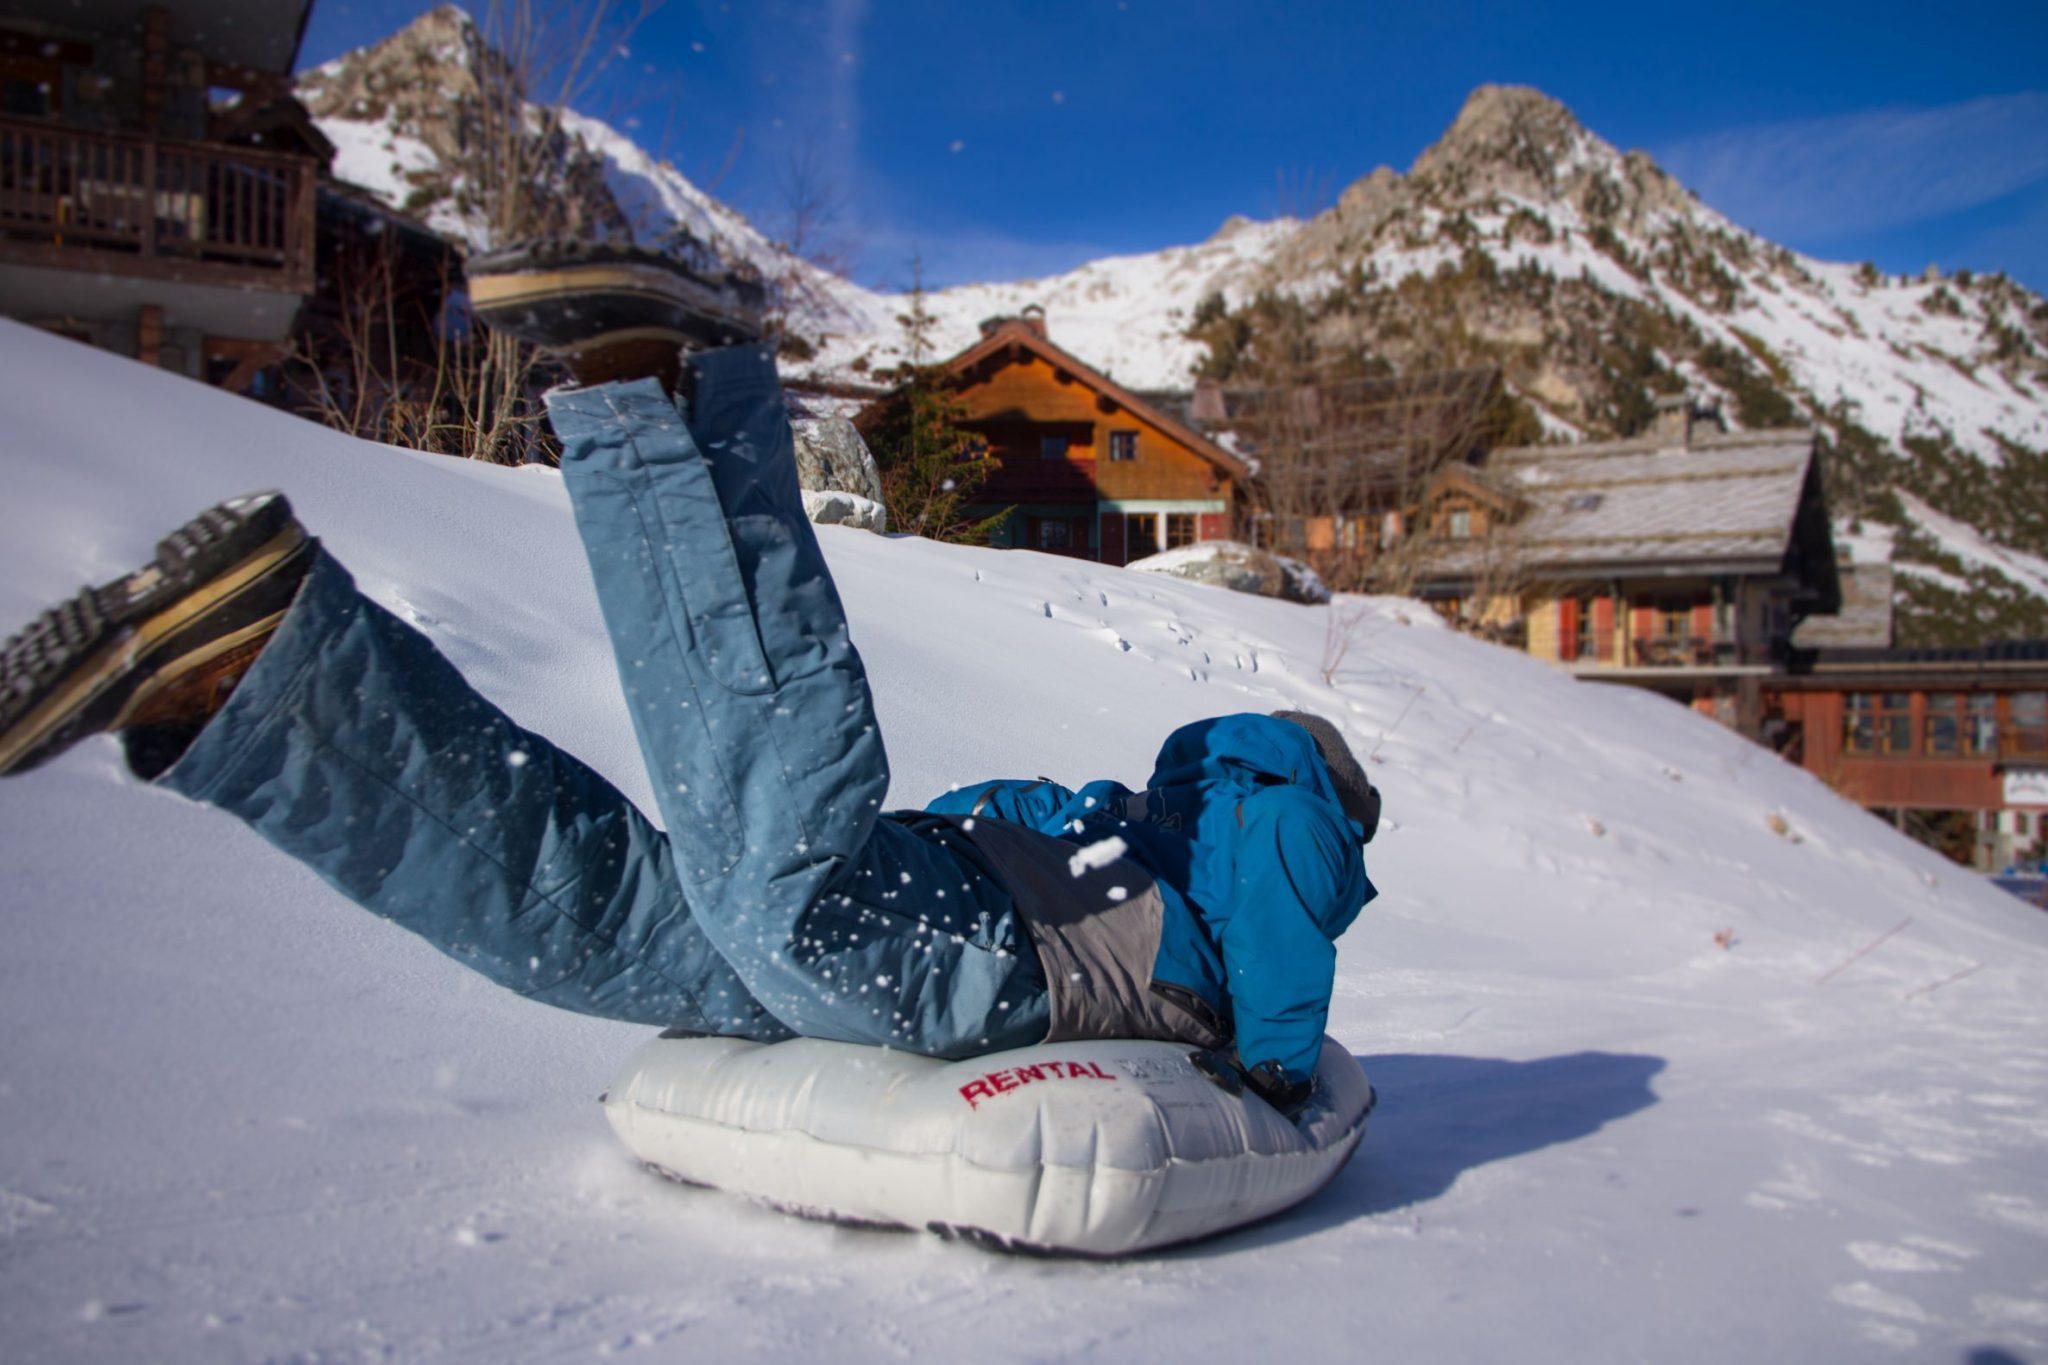 Außergewöhnliche Winteraktivitäten bei Pierre & Vacances in den französischen Alpen